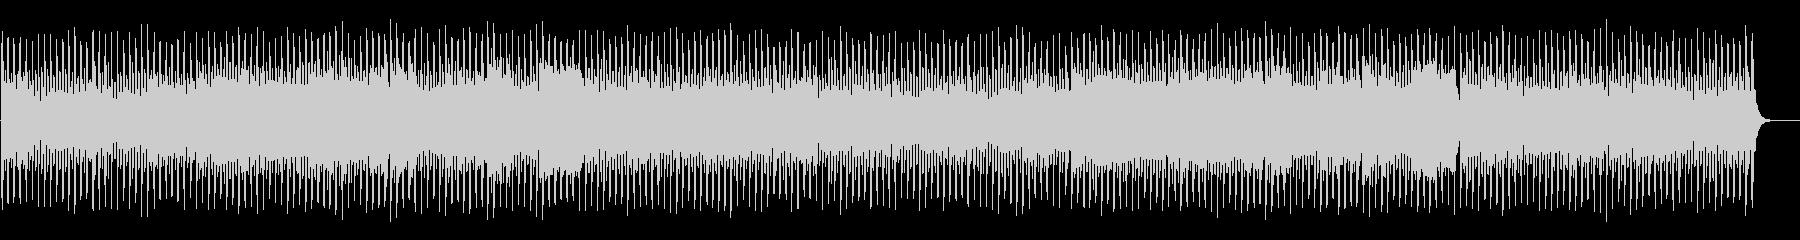 【メロ無し】ミステリアスなハロウィンの未再生の波形